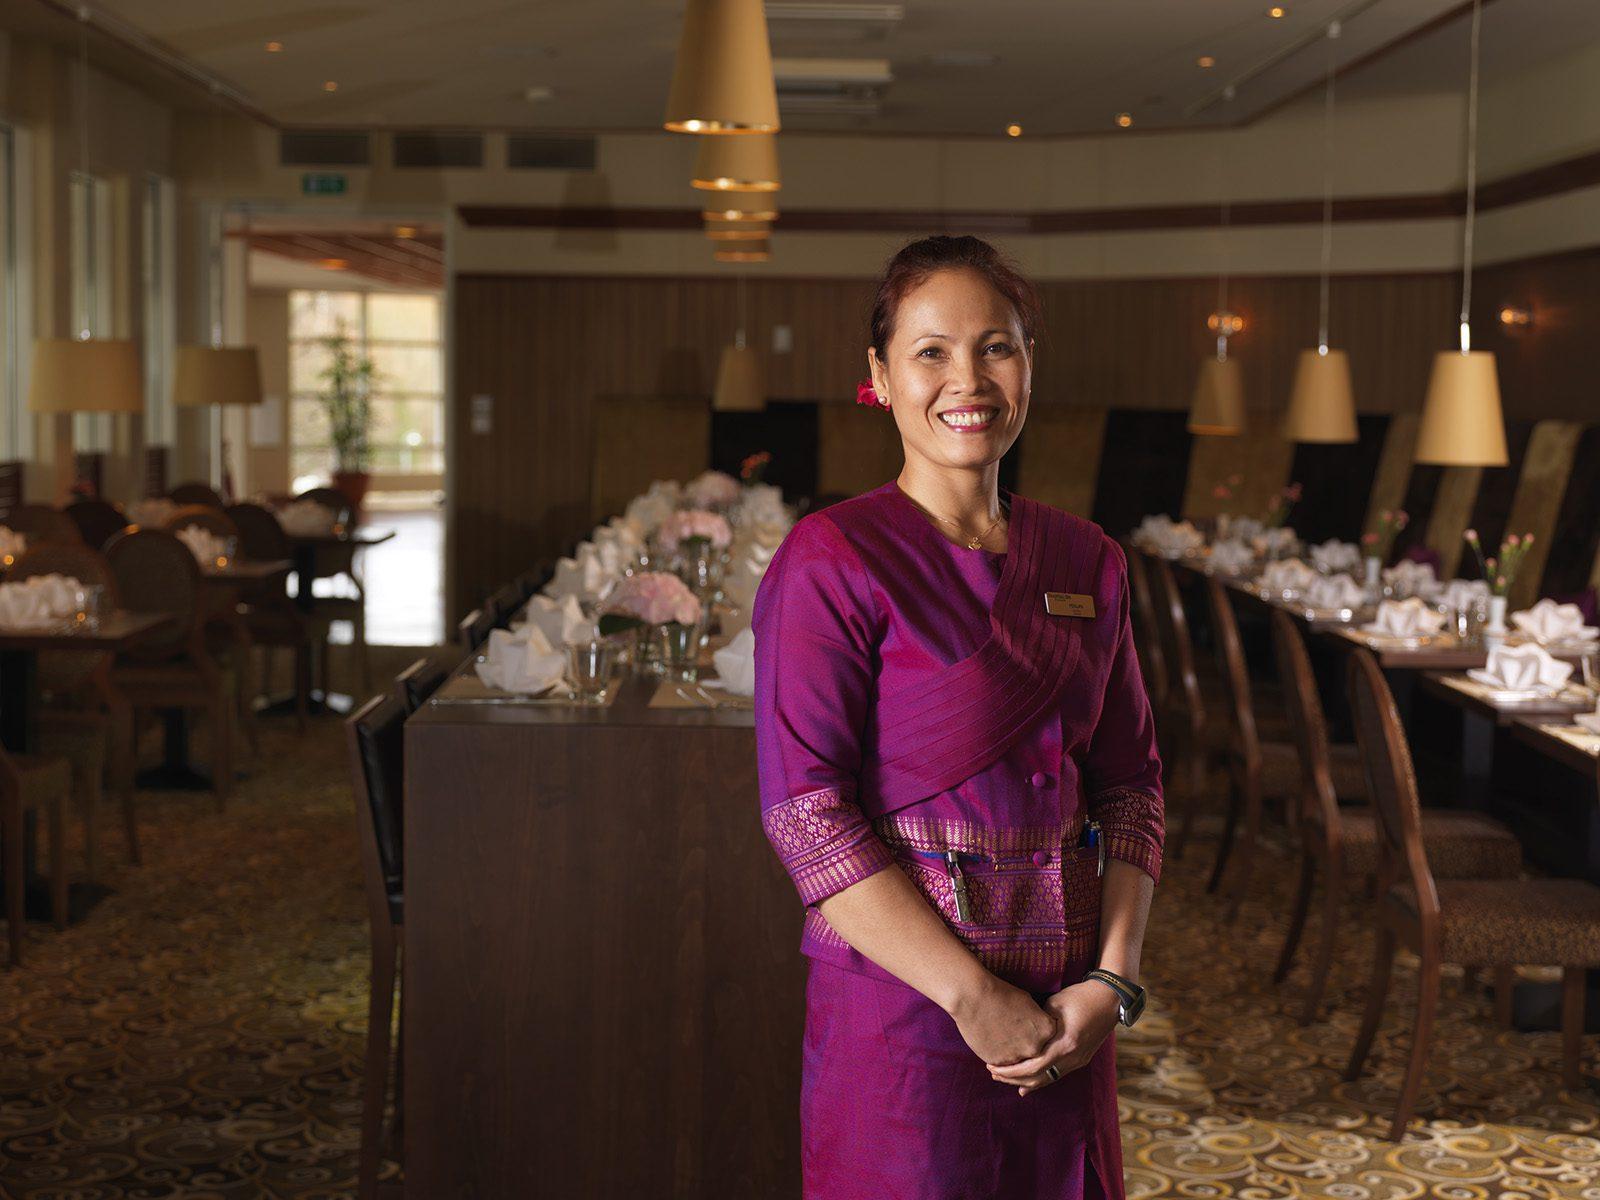 Purppuraan thaimaalaiseen asuun pukeutunut tarjoilija hymyilee Thai Garden -ravintolassa.